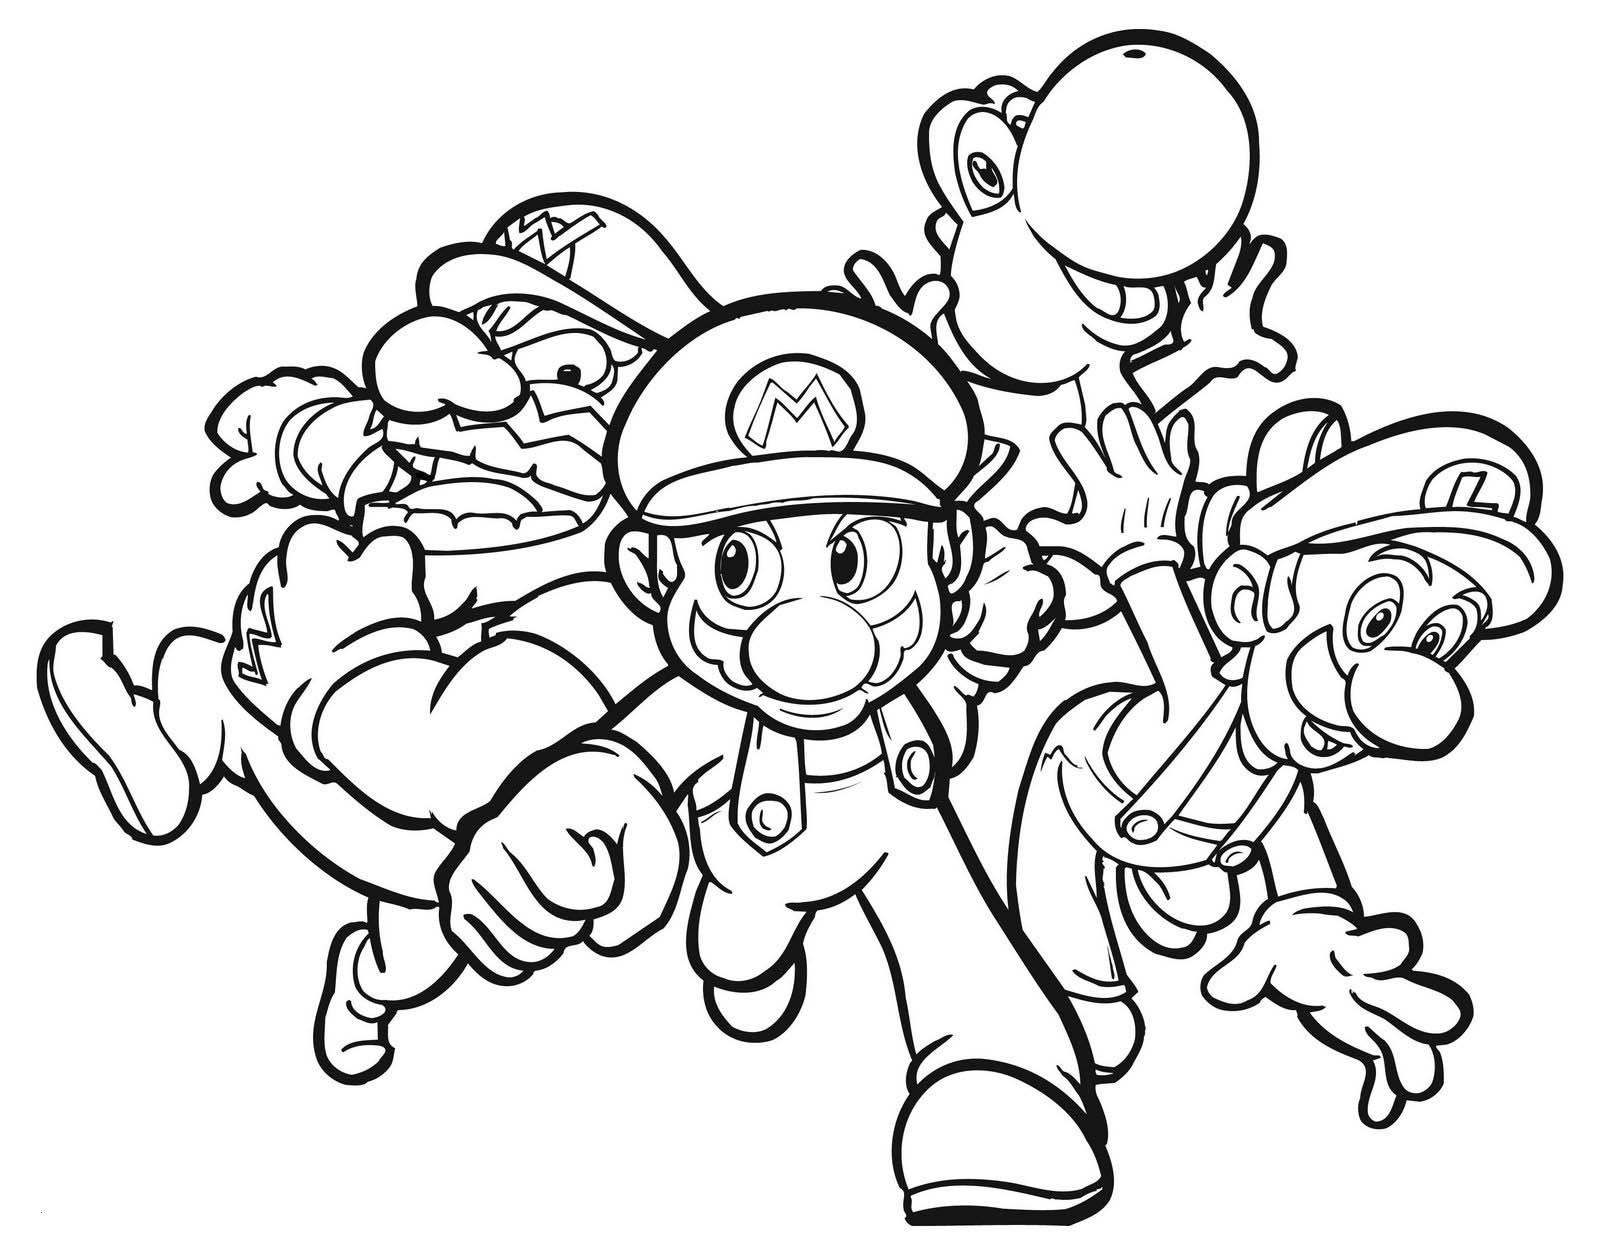 Super Mario Malvorlagen Inspirierend Ausmalbilder Mario Einzigartig Coloring Pages Mario Great Schön Bilder